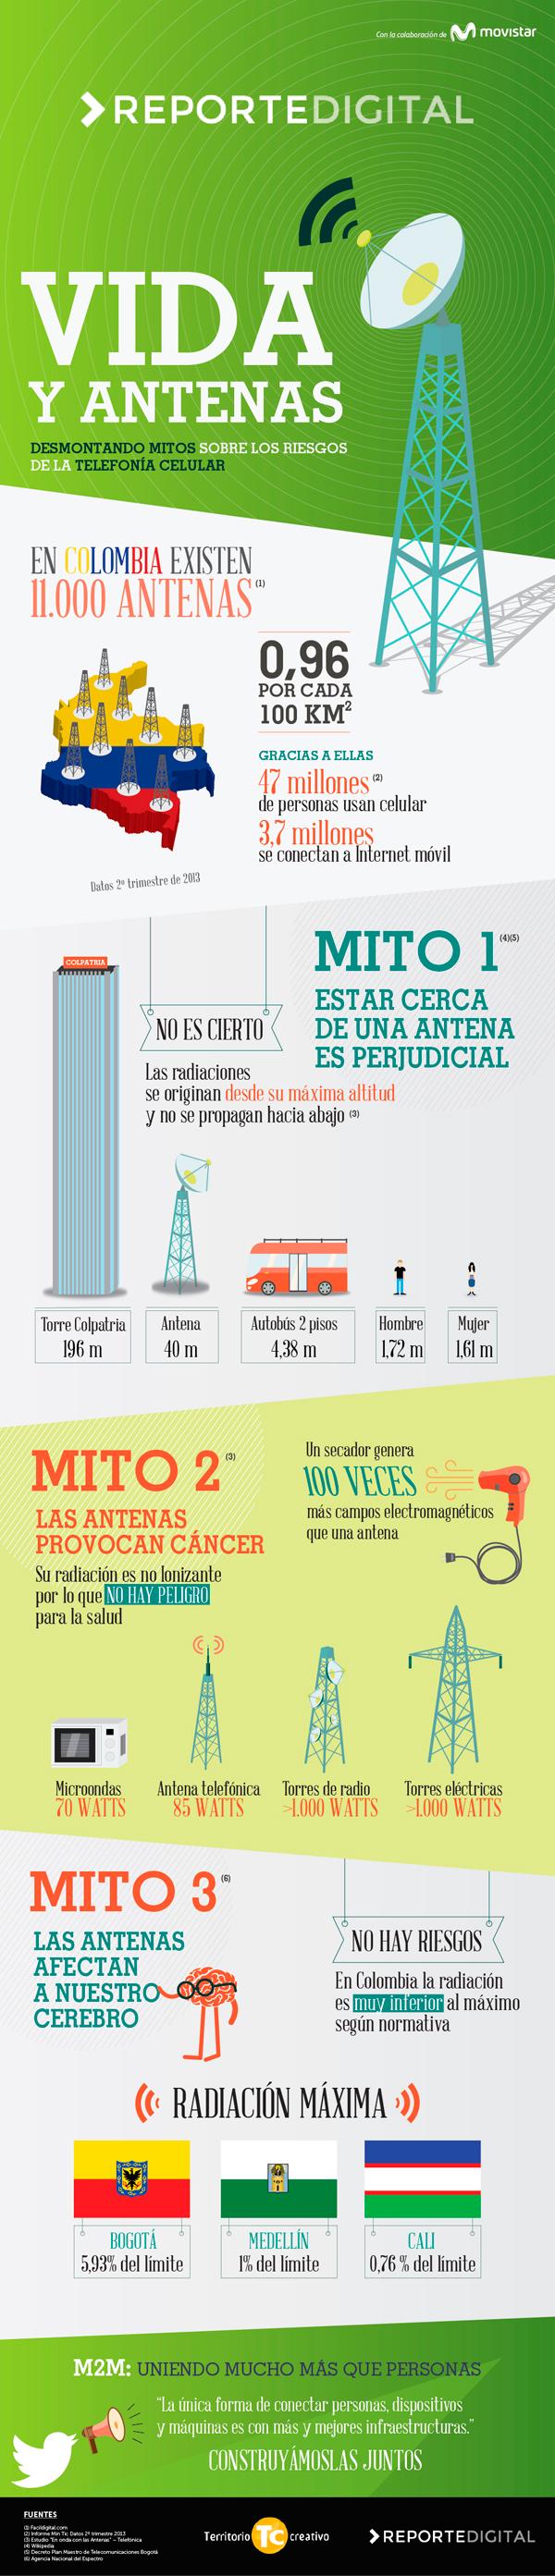 Mitos sobre la telefonía móvil